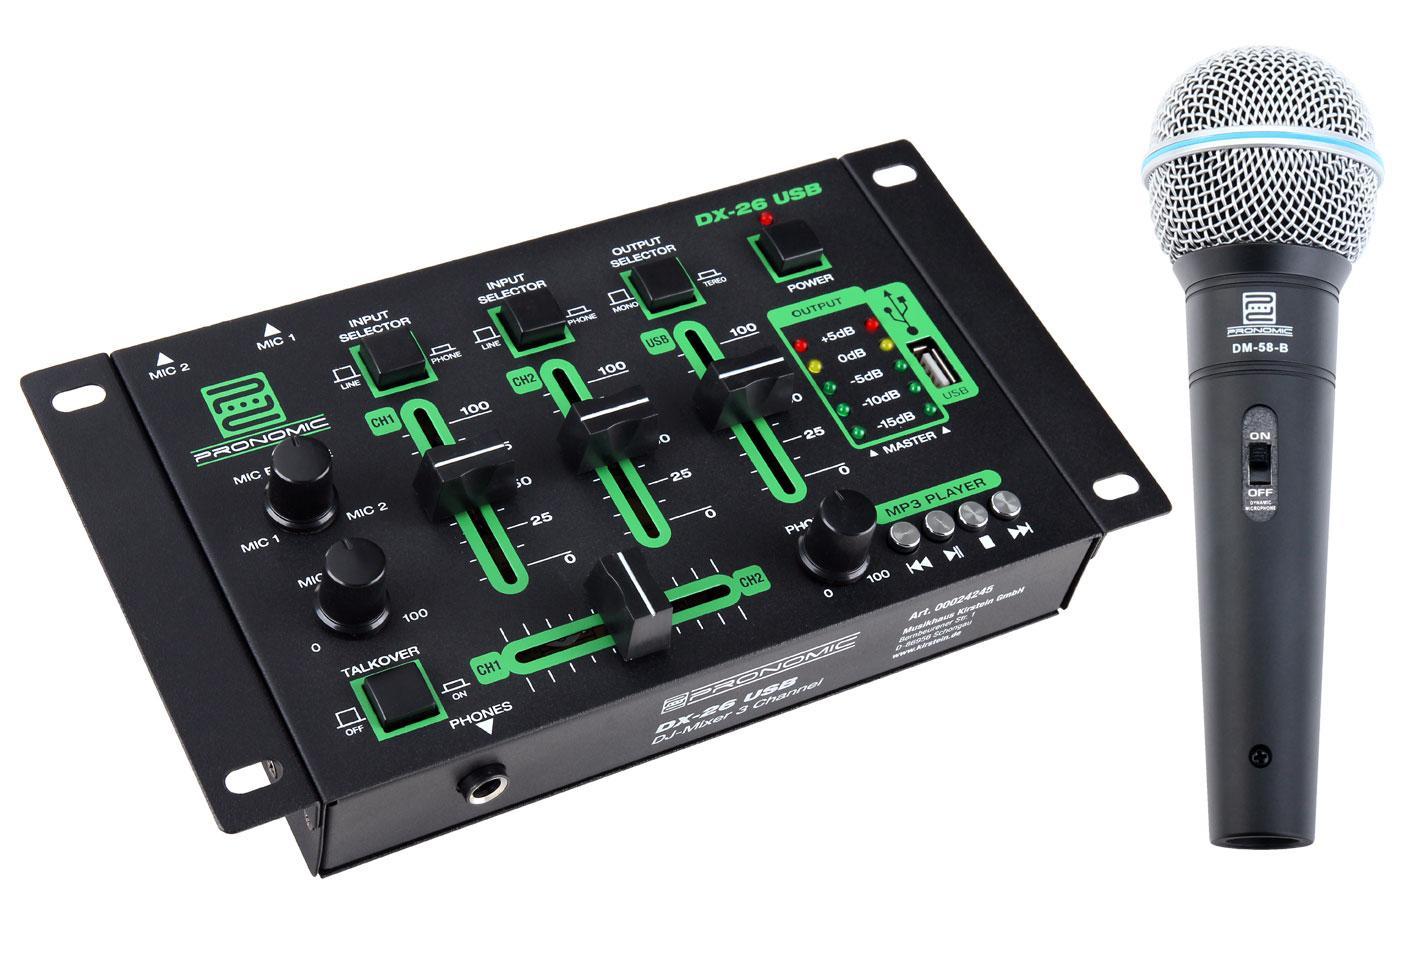 Pronomic DX-26 USB DJ Mixer Microphone + SET including 2 5 m cable